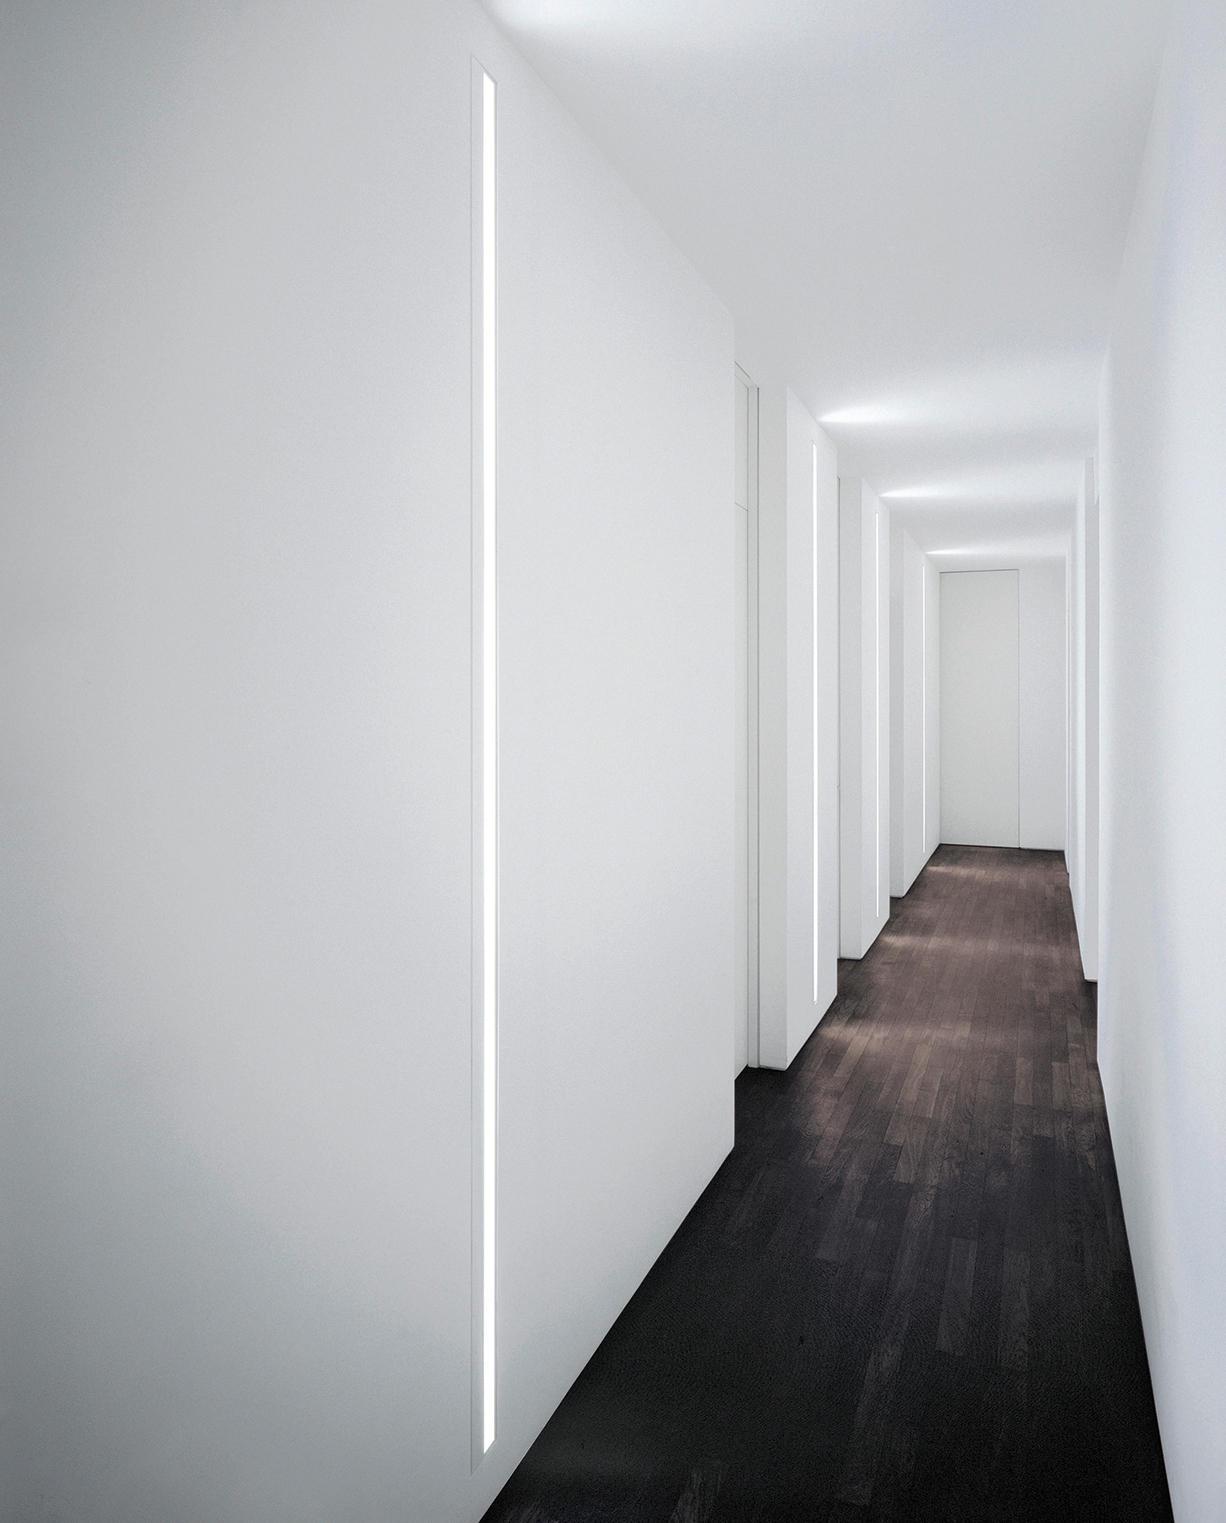 Slot Einbauleuchte & Designermöbel | Architonic